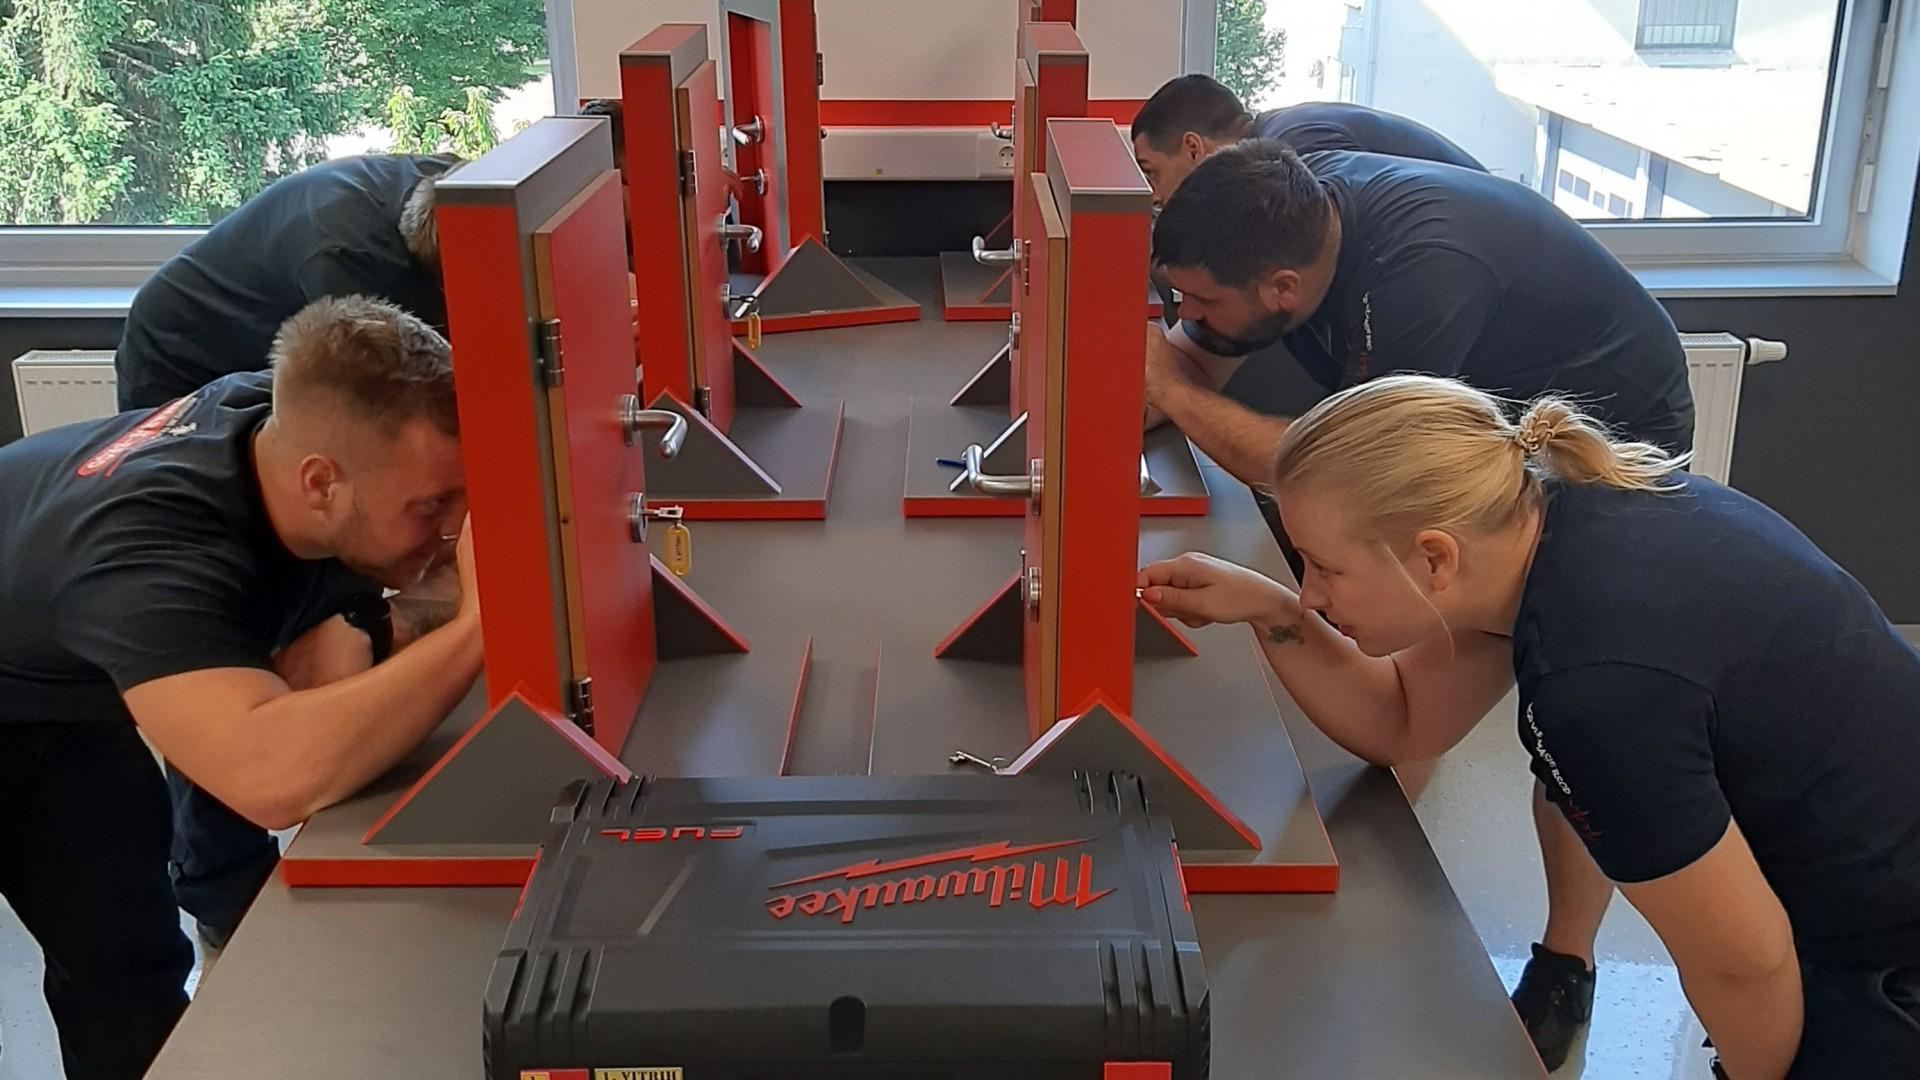 Izobraževanje - Tehnični vstopi v objekte